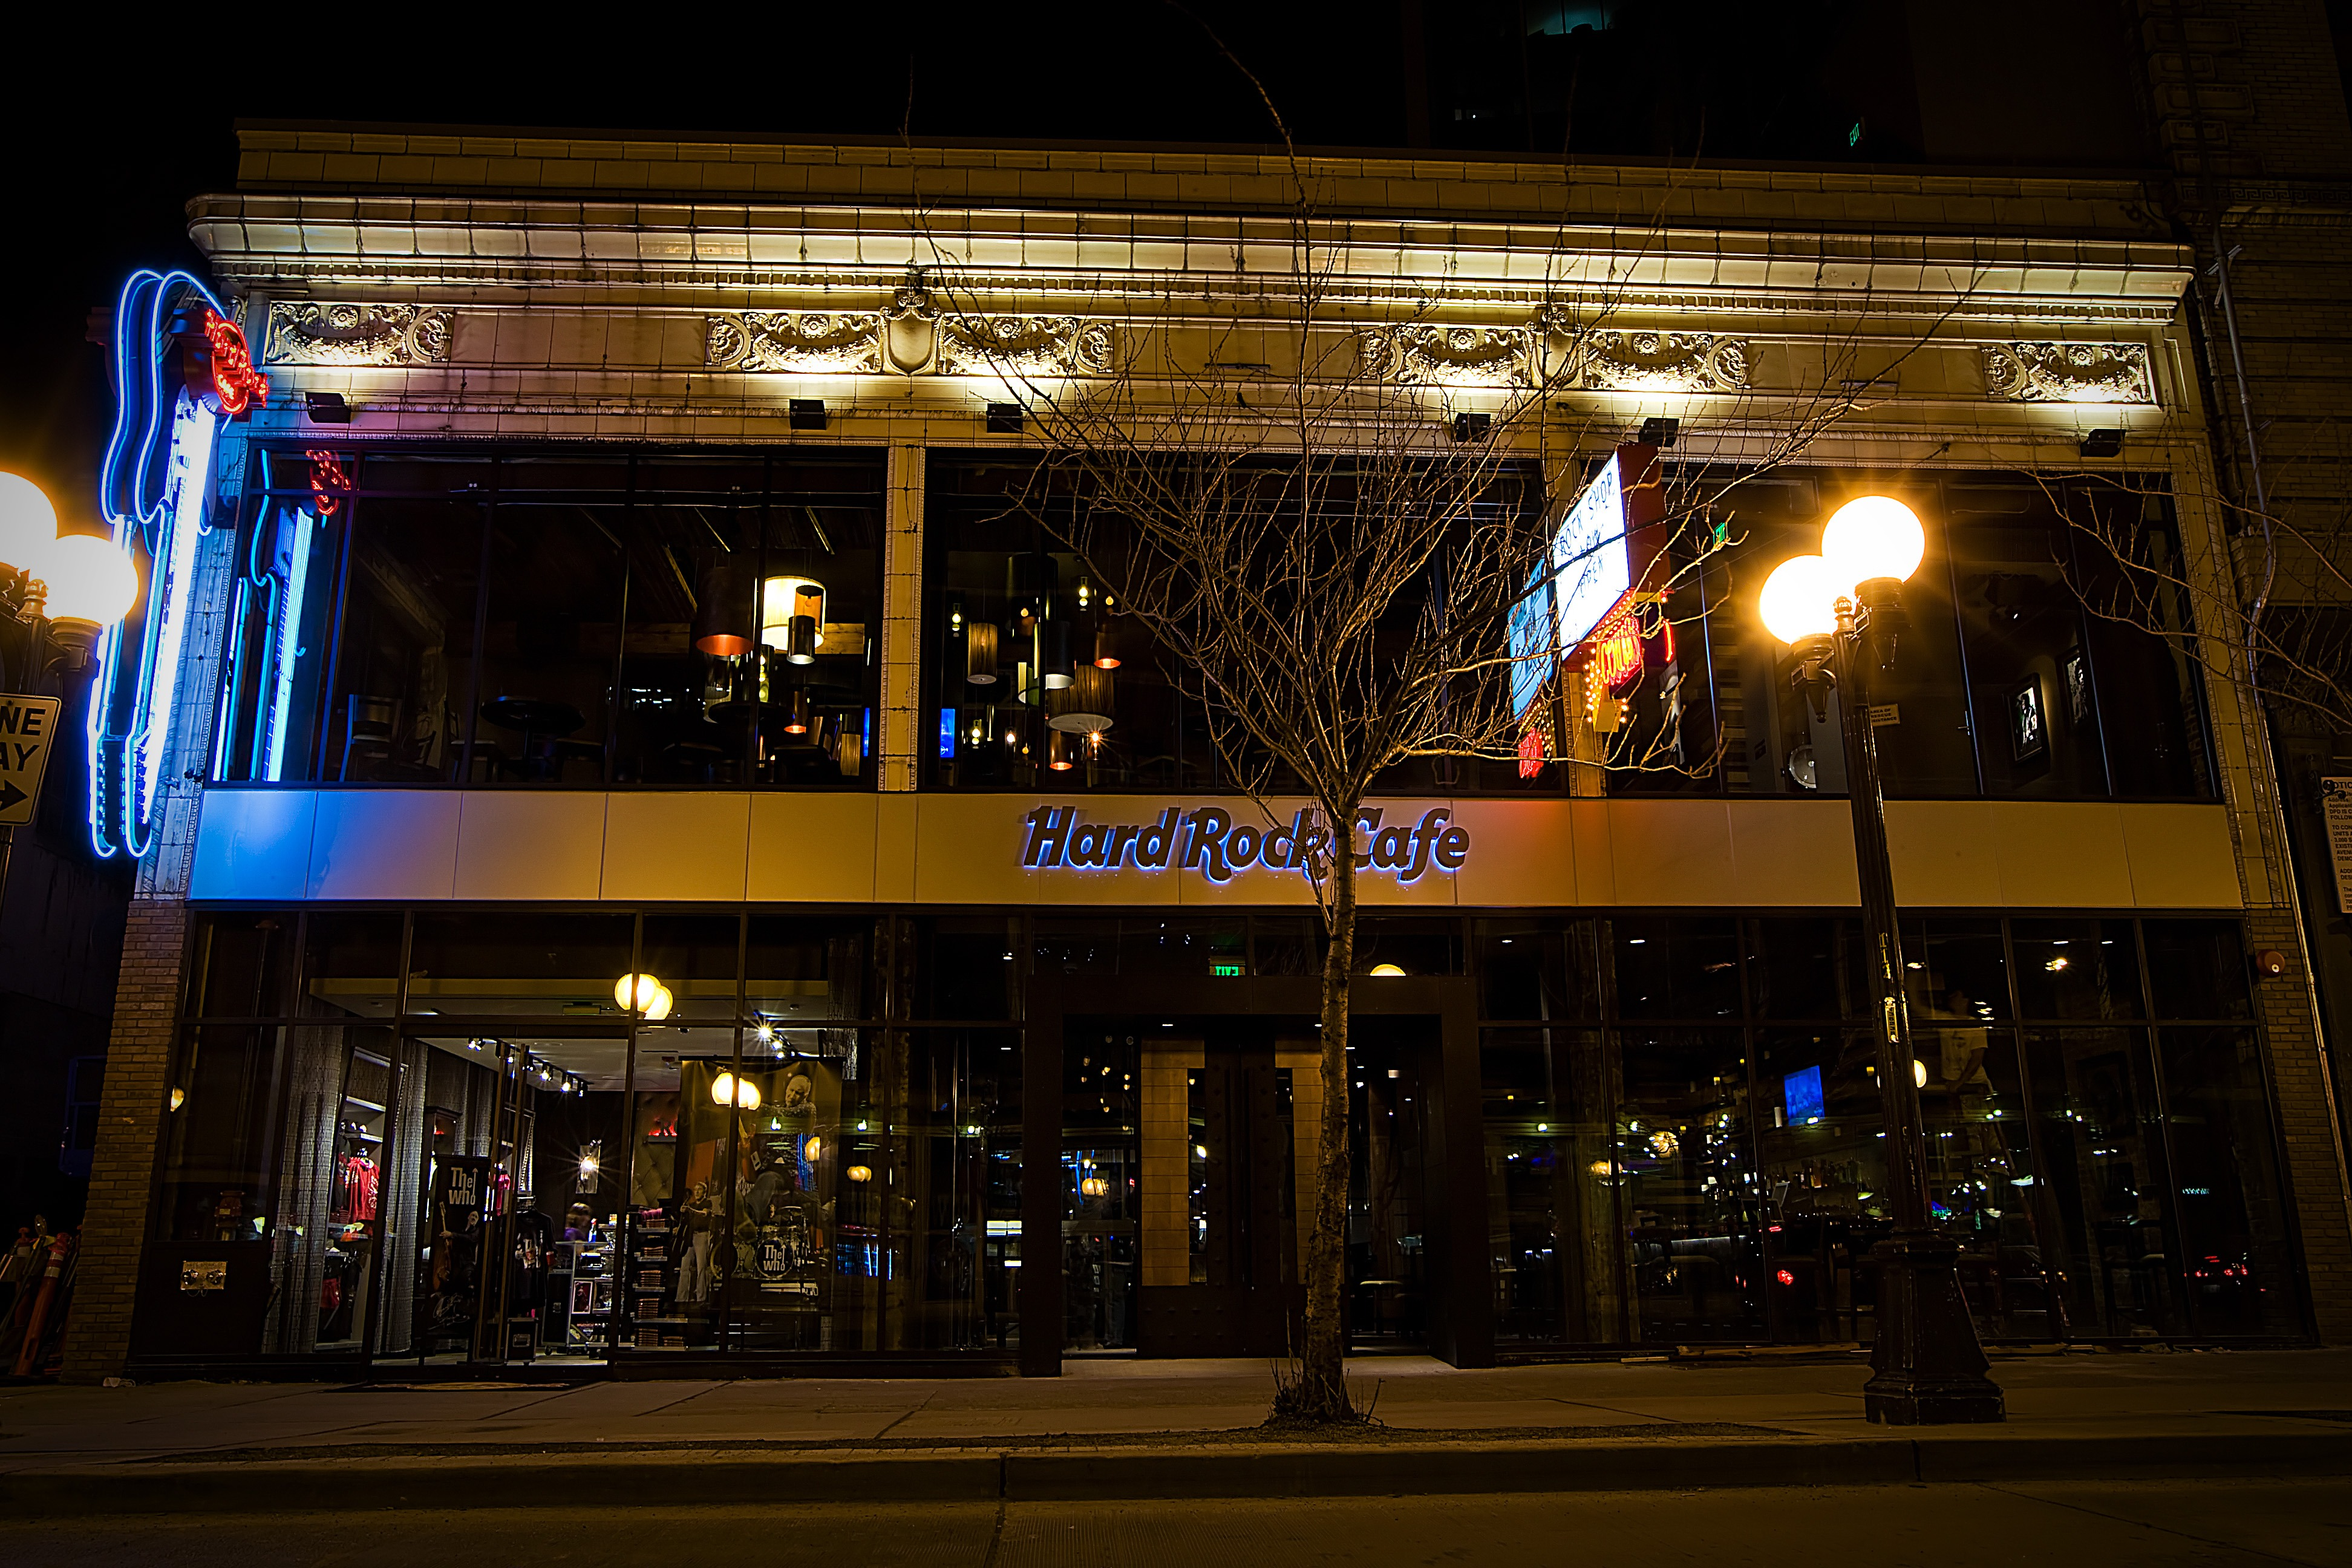 Hard Rock Cafe Seattle Grunge